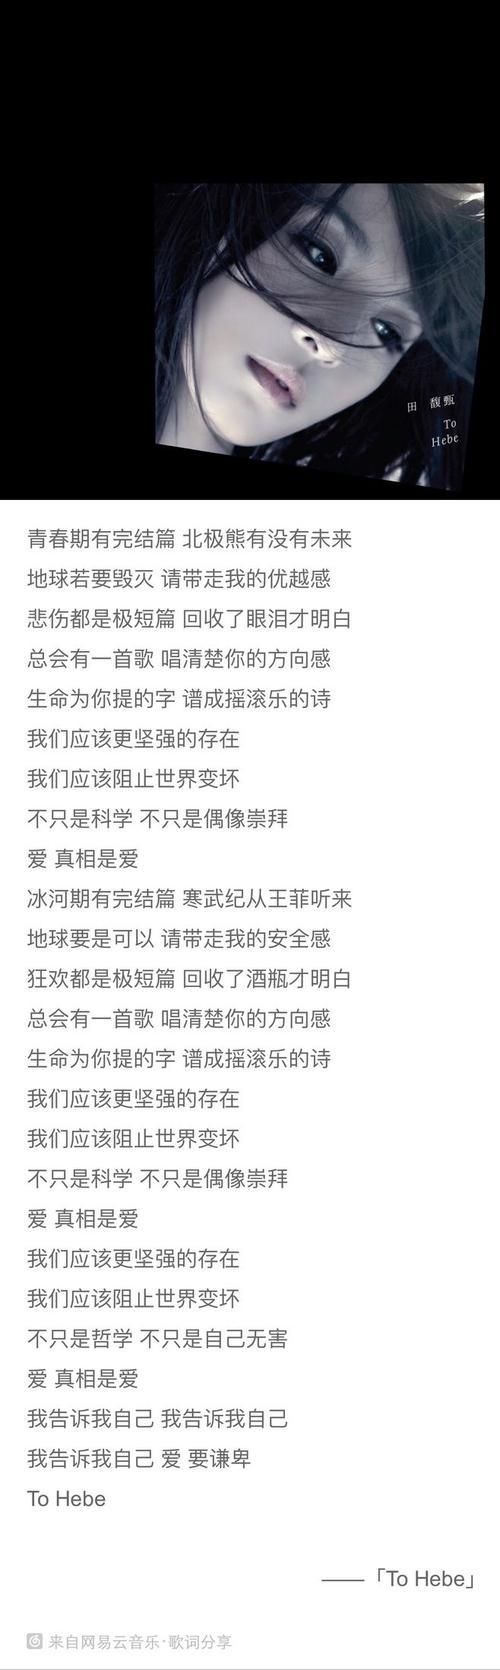 将爱-Hebe(MP3歌词/LRC歌词) lrc歌词下载 第2张